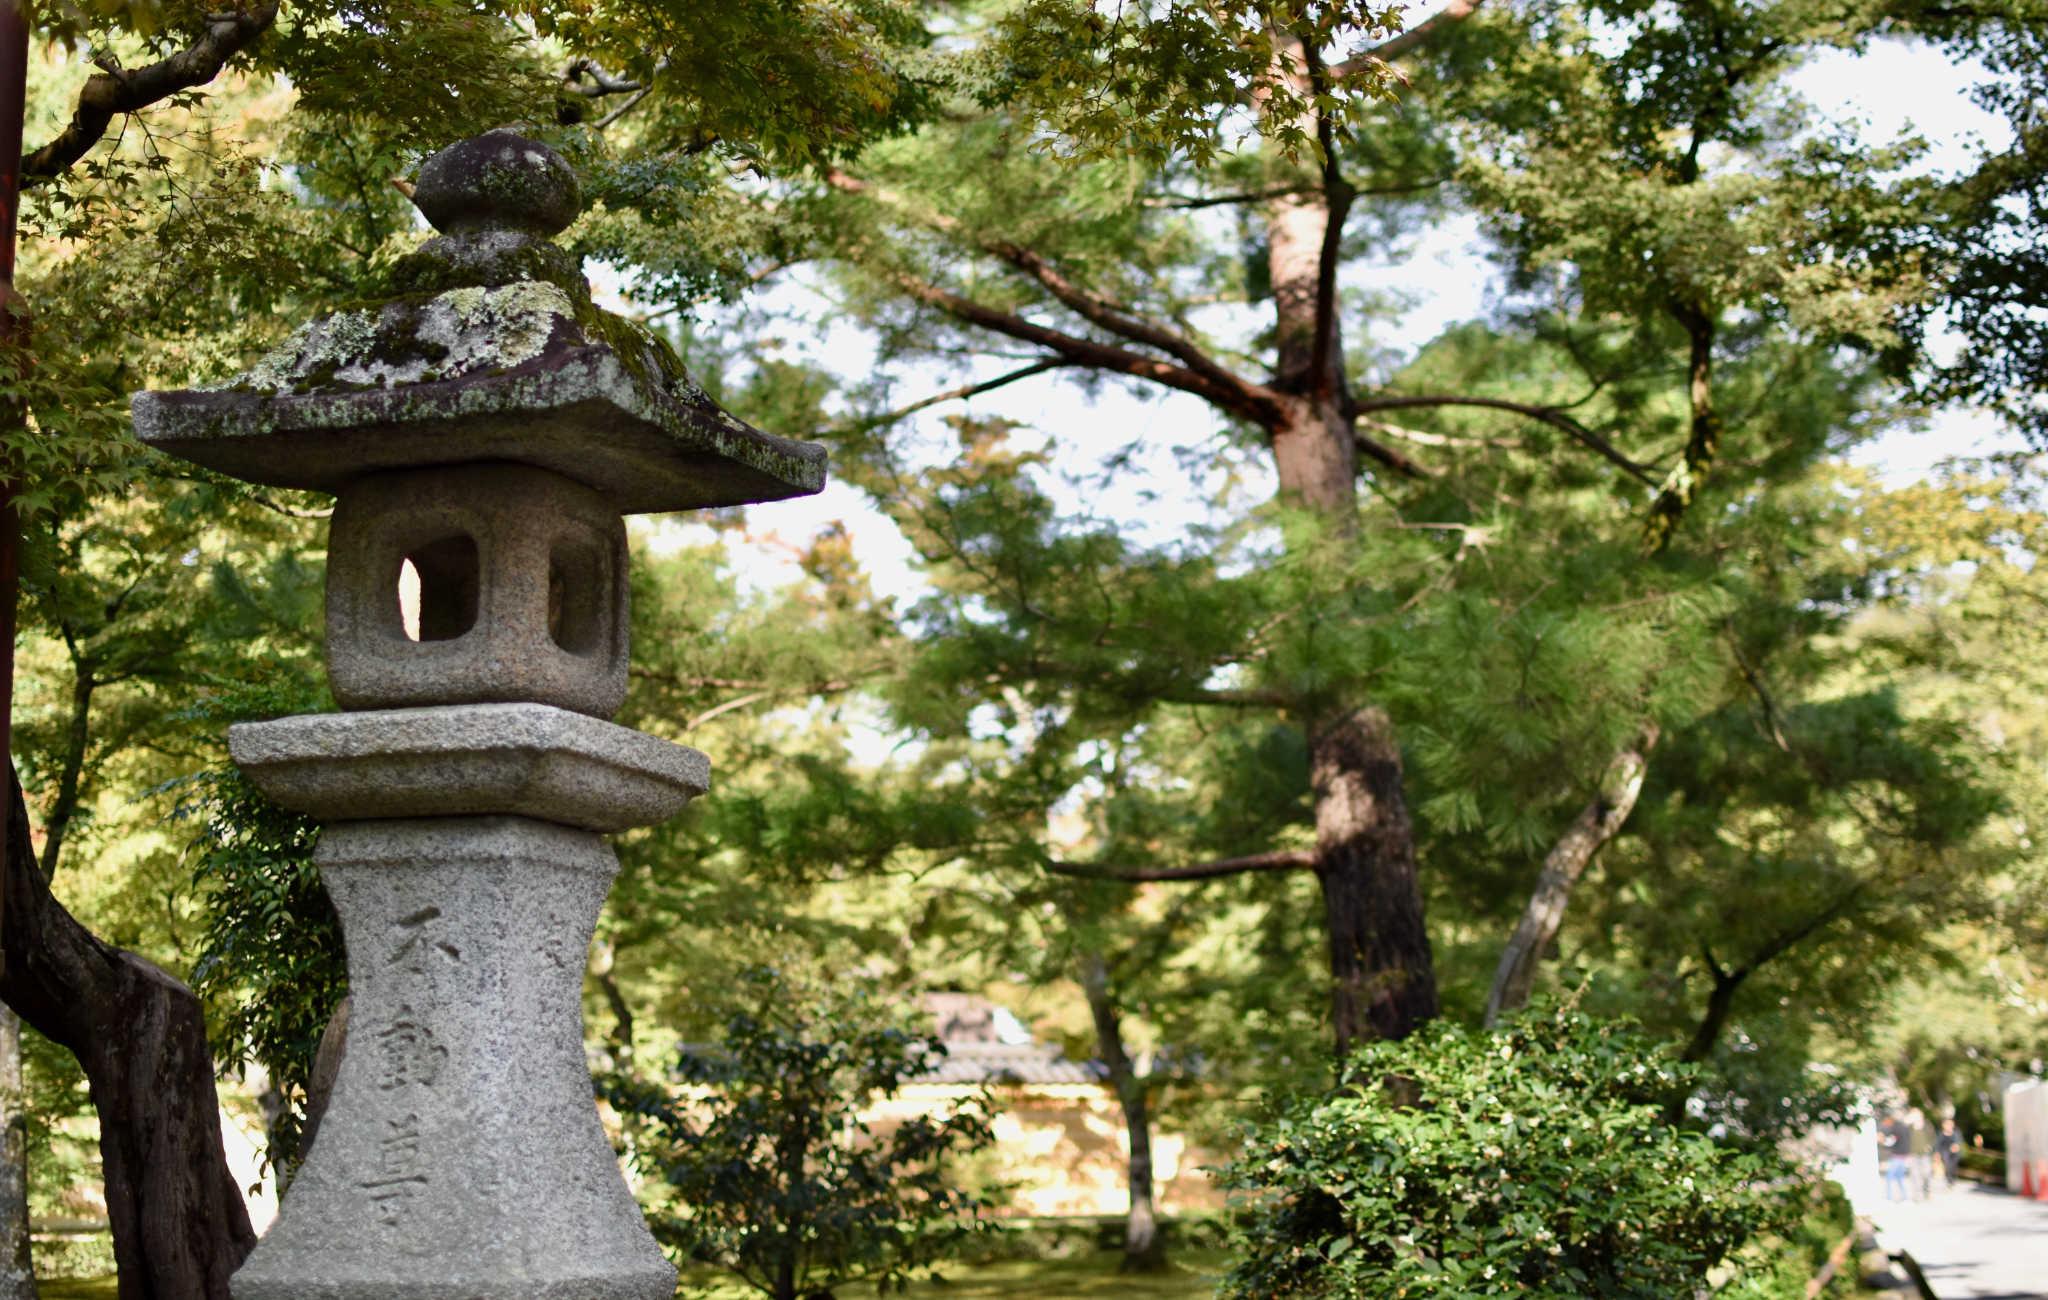 De jolies lanternes de granite accueillent les visiteurs